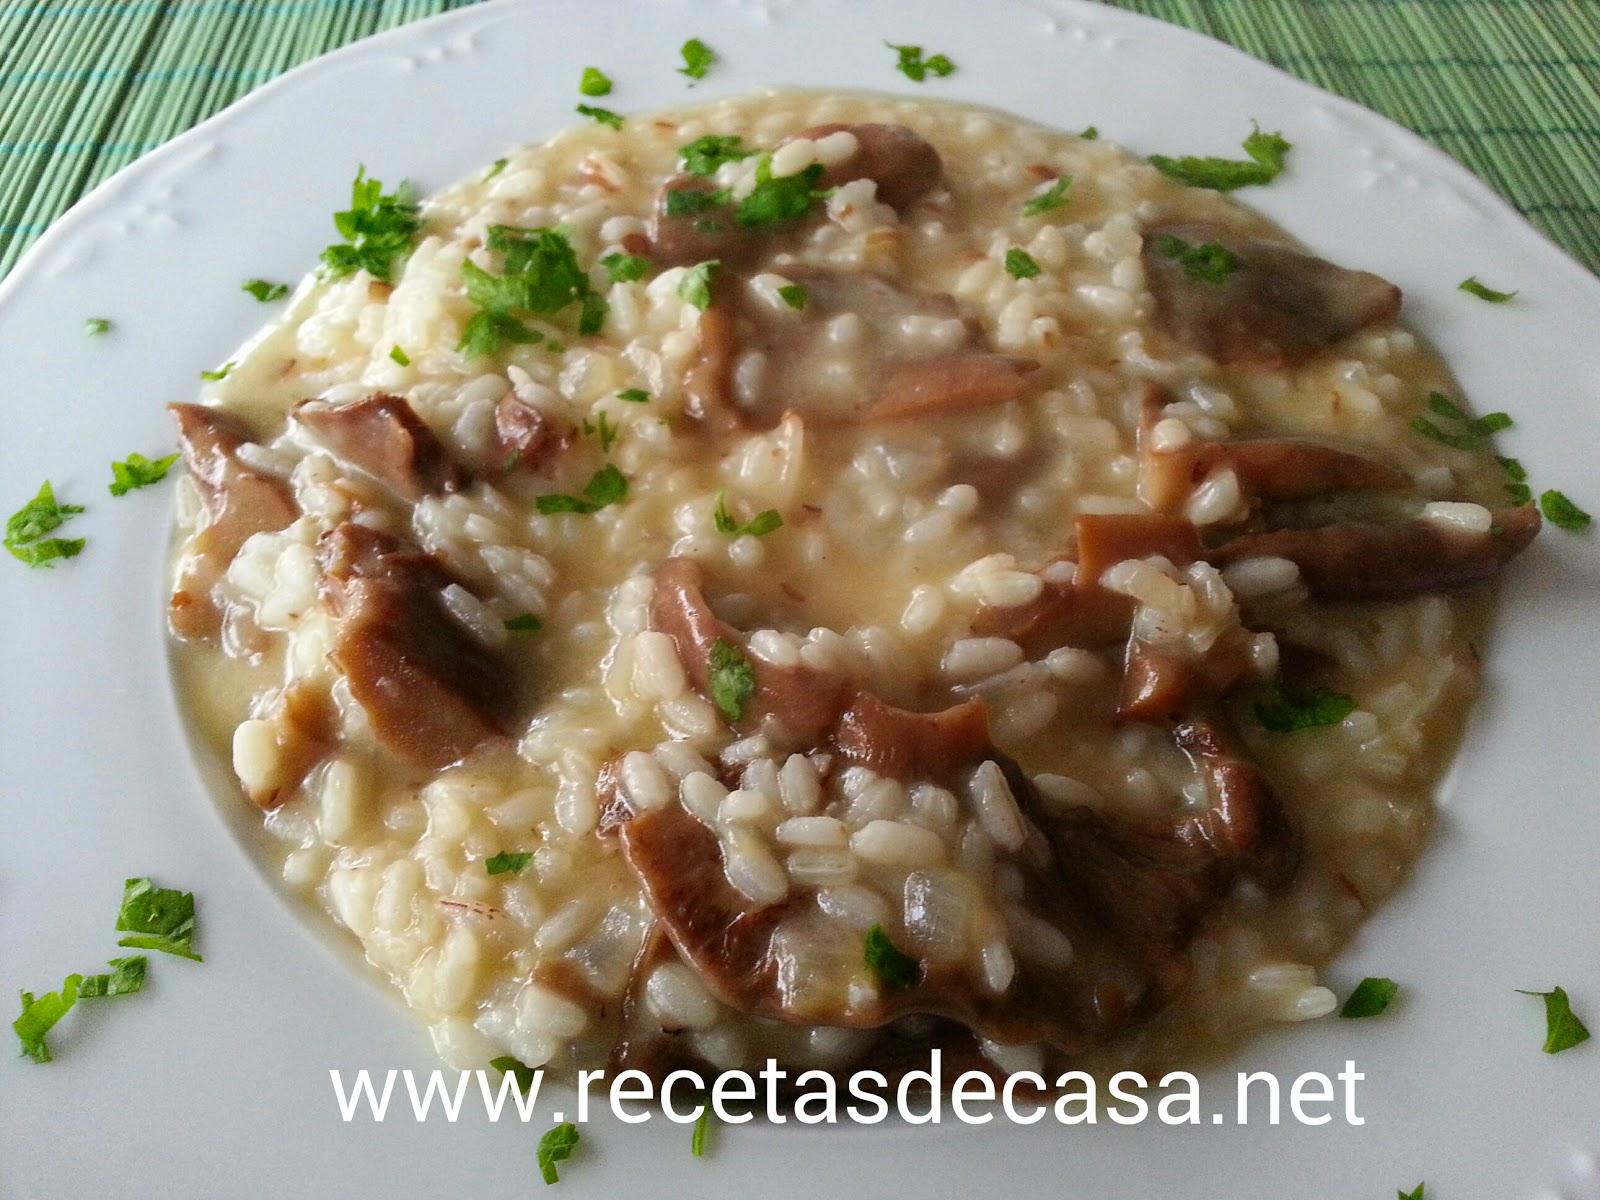 http://lacocinadepedroyyolanda.blogspot.com.es/2015/08/risoto-basico-con-setas-cocina-facil.html